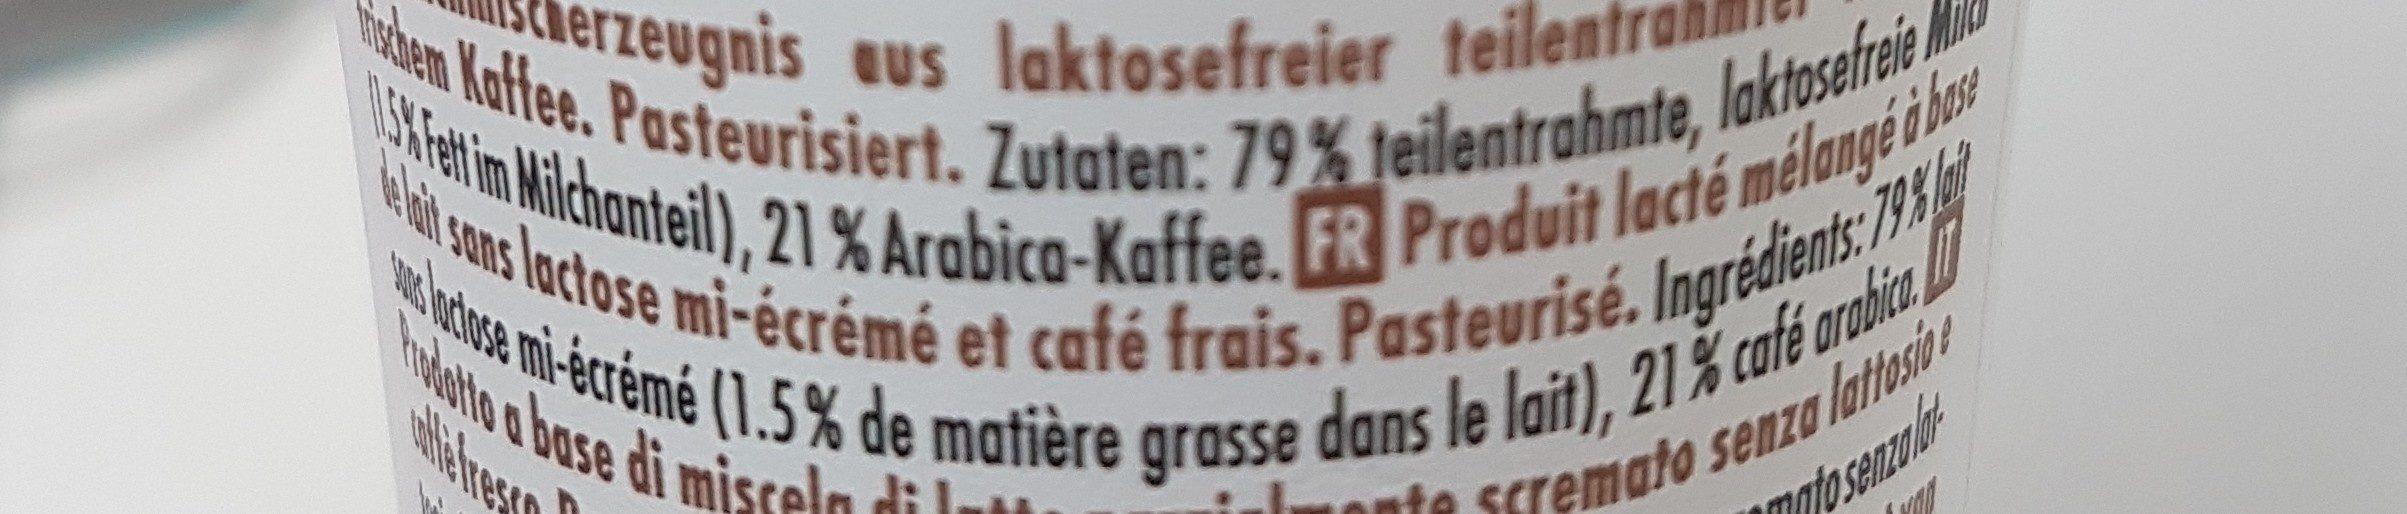 Caffè Lattesso Free - Ingrédients